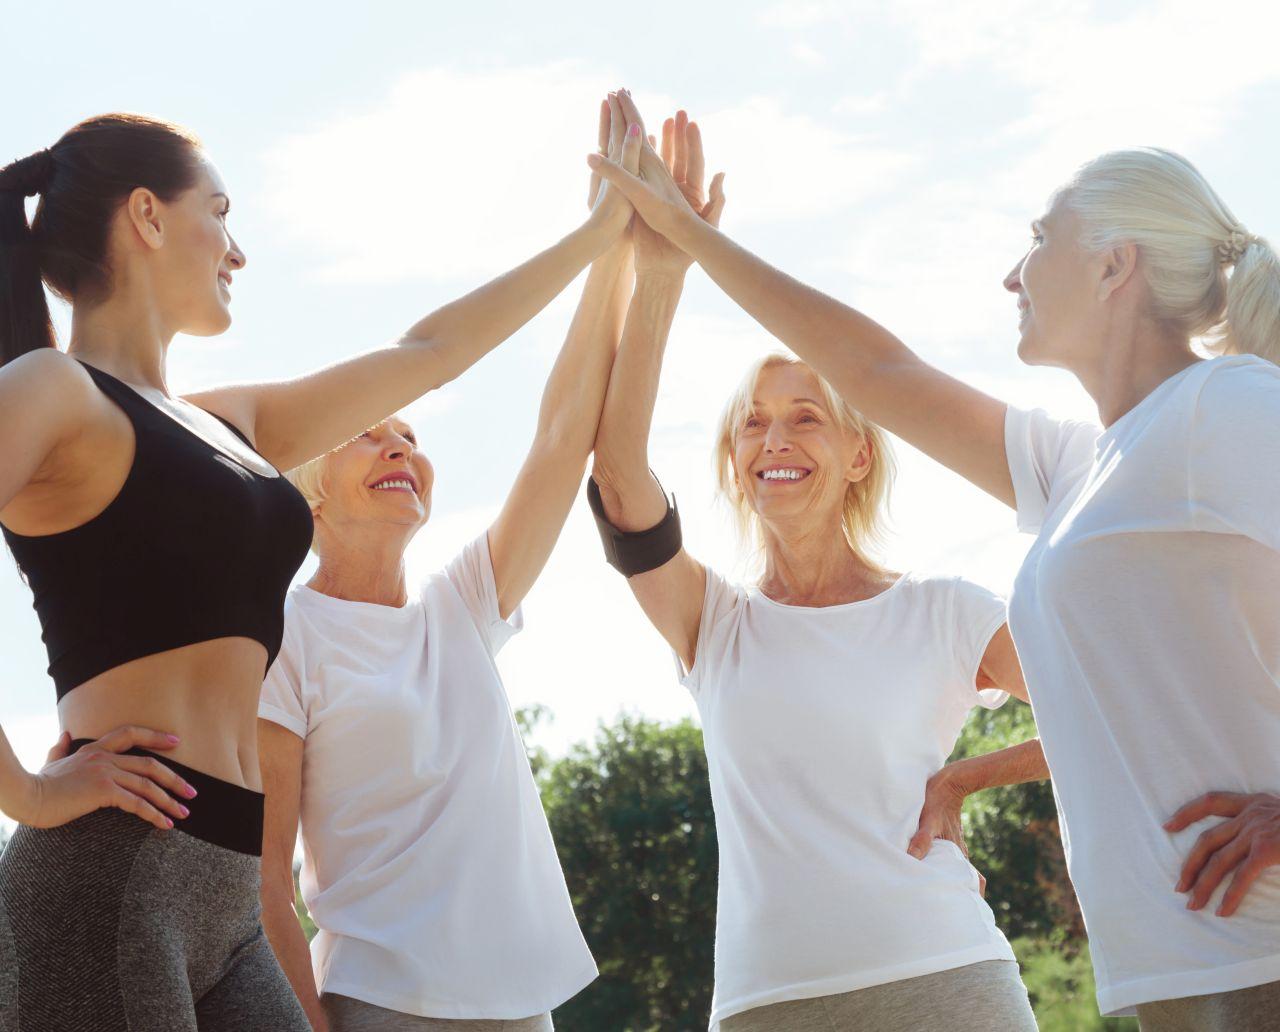 Wer strebt nicht nach einer guten körperlichen Verfassung und will frei von Schmerz und Beschwerden sein?